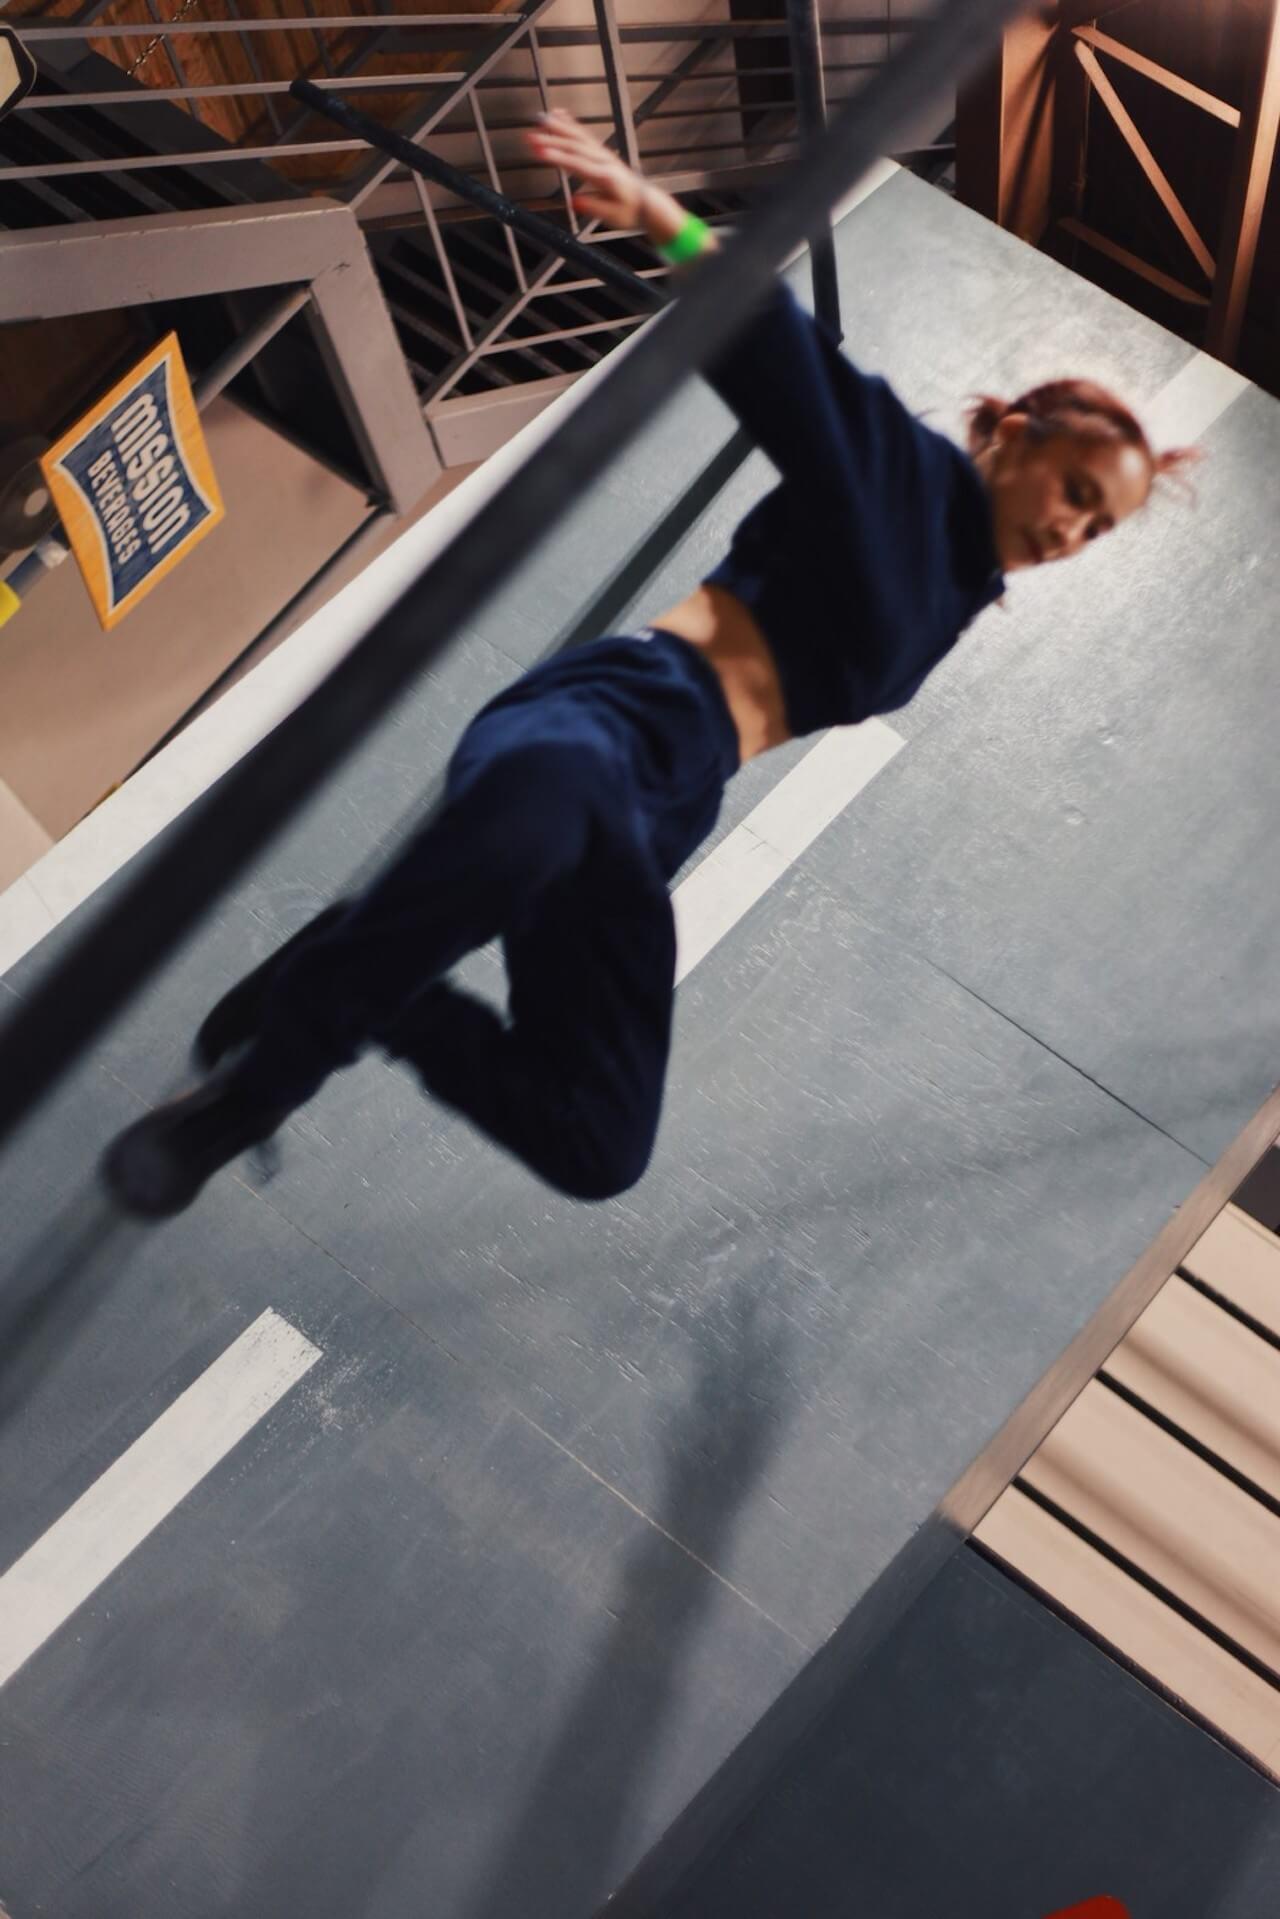 テラハで話題の「パルクールちゃん」こと田辺莉咲子がパルクール日本選手権出場決定! art-culture191017-risako-tanabe-3